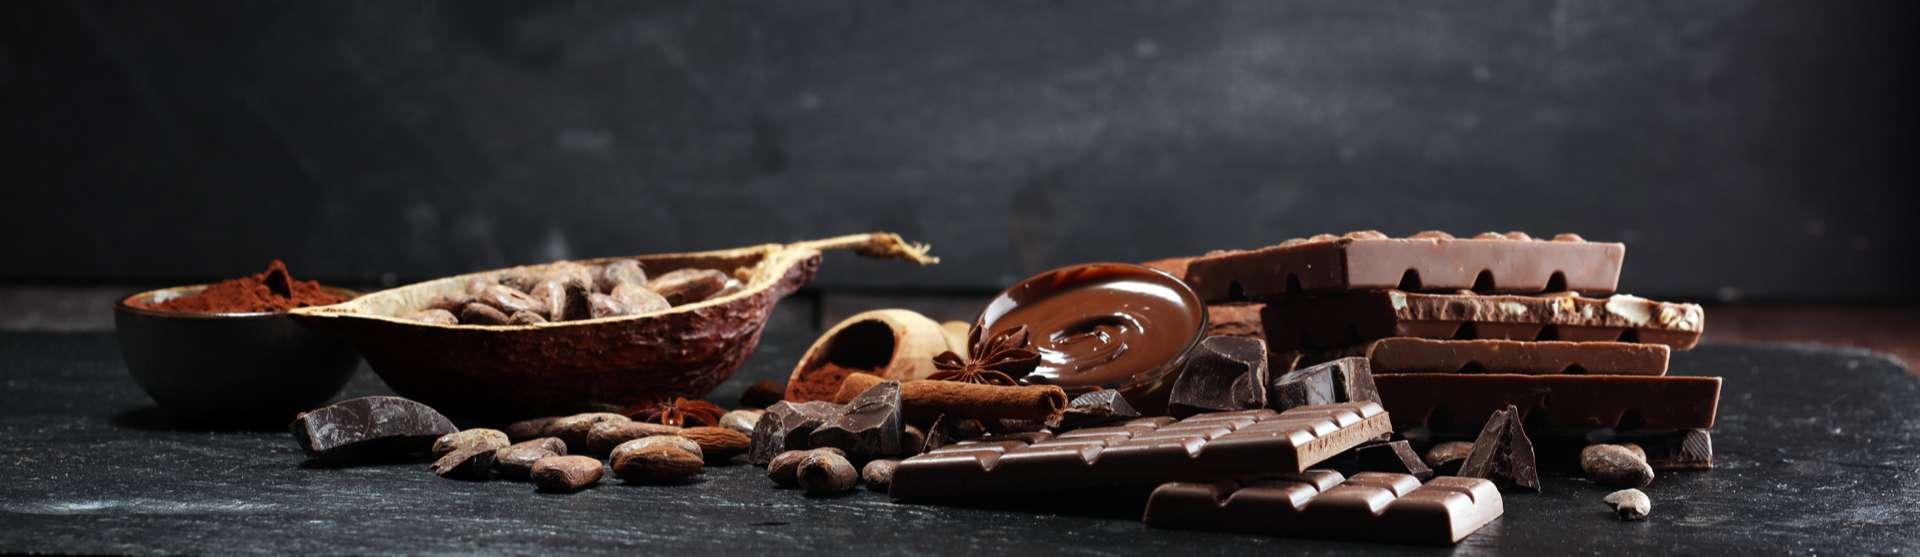 Leckere Stevia-Schokolade von renommierten Marken